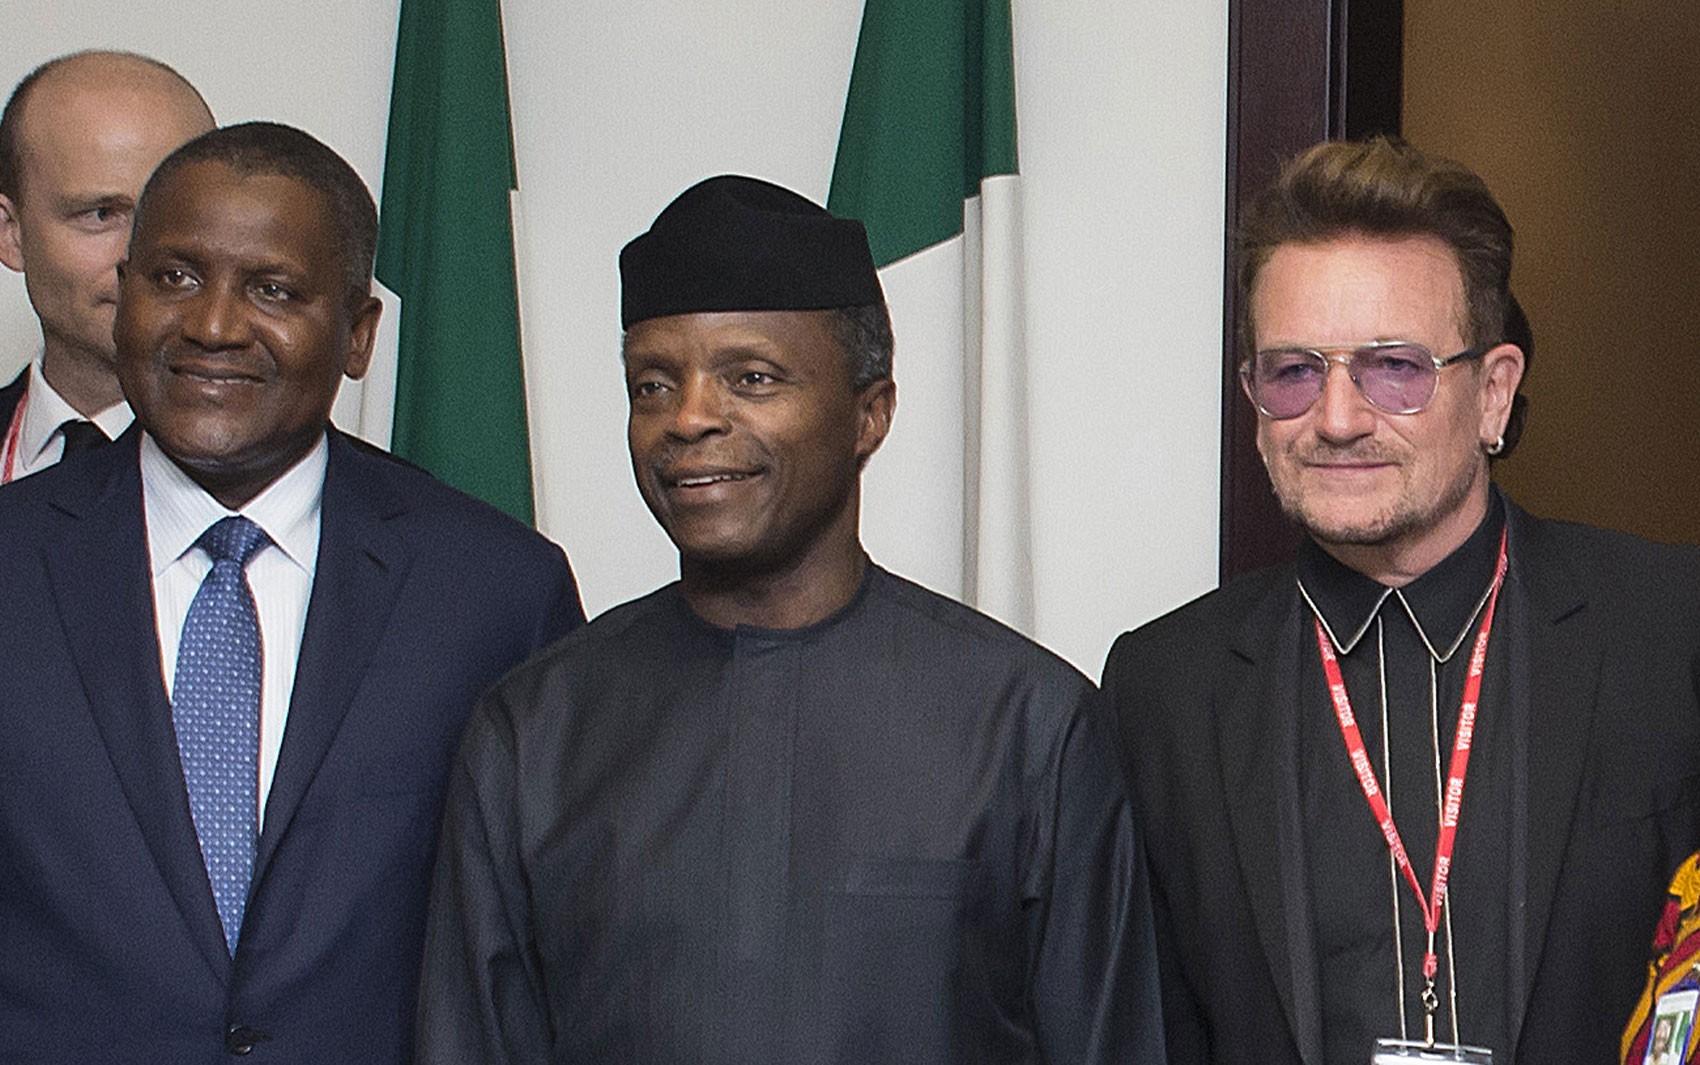 O vice-presidente da Nigéria, Yemi Osinbajo (centro) posa ao lado de Aliko Dangote e do cantor Bono durante encontro em Abuja, na segunda (29) (Foto: Stringer/AFP)